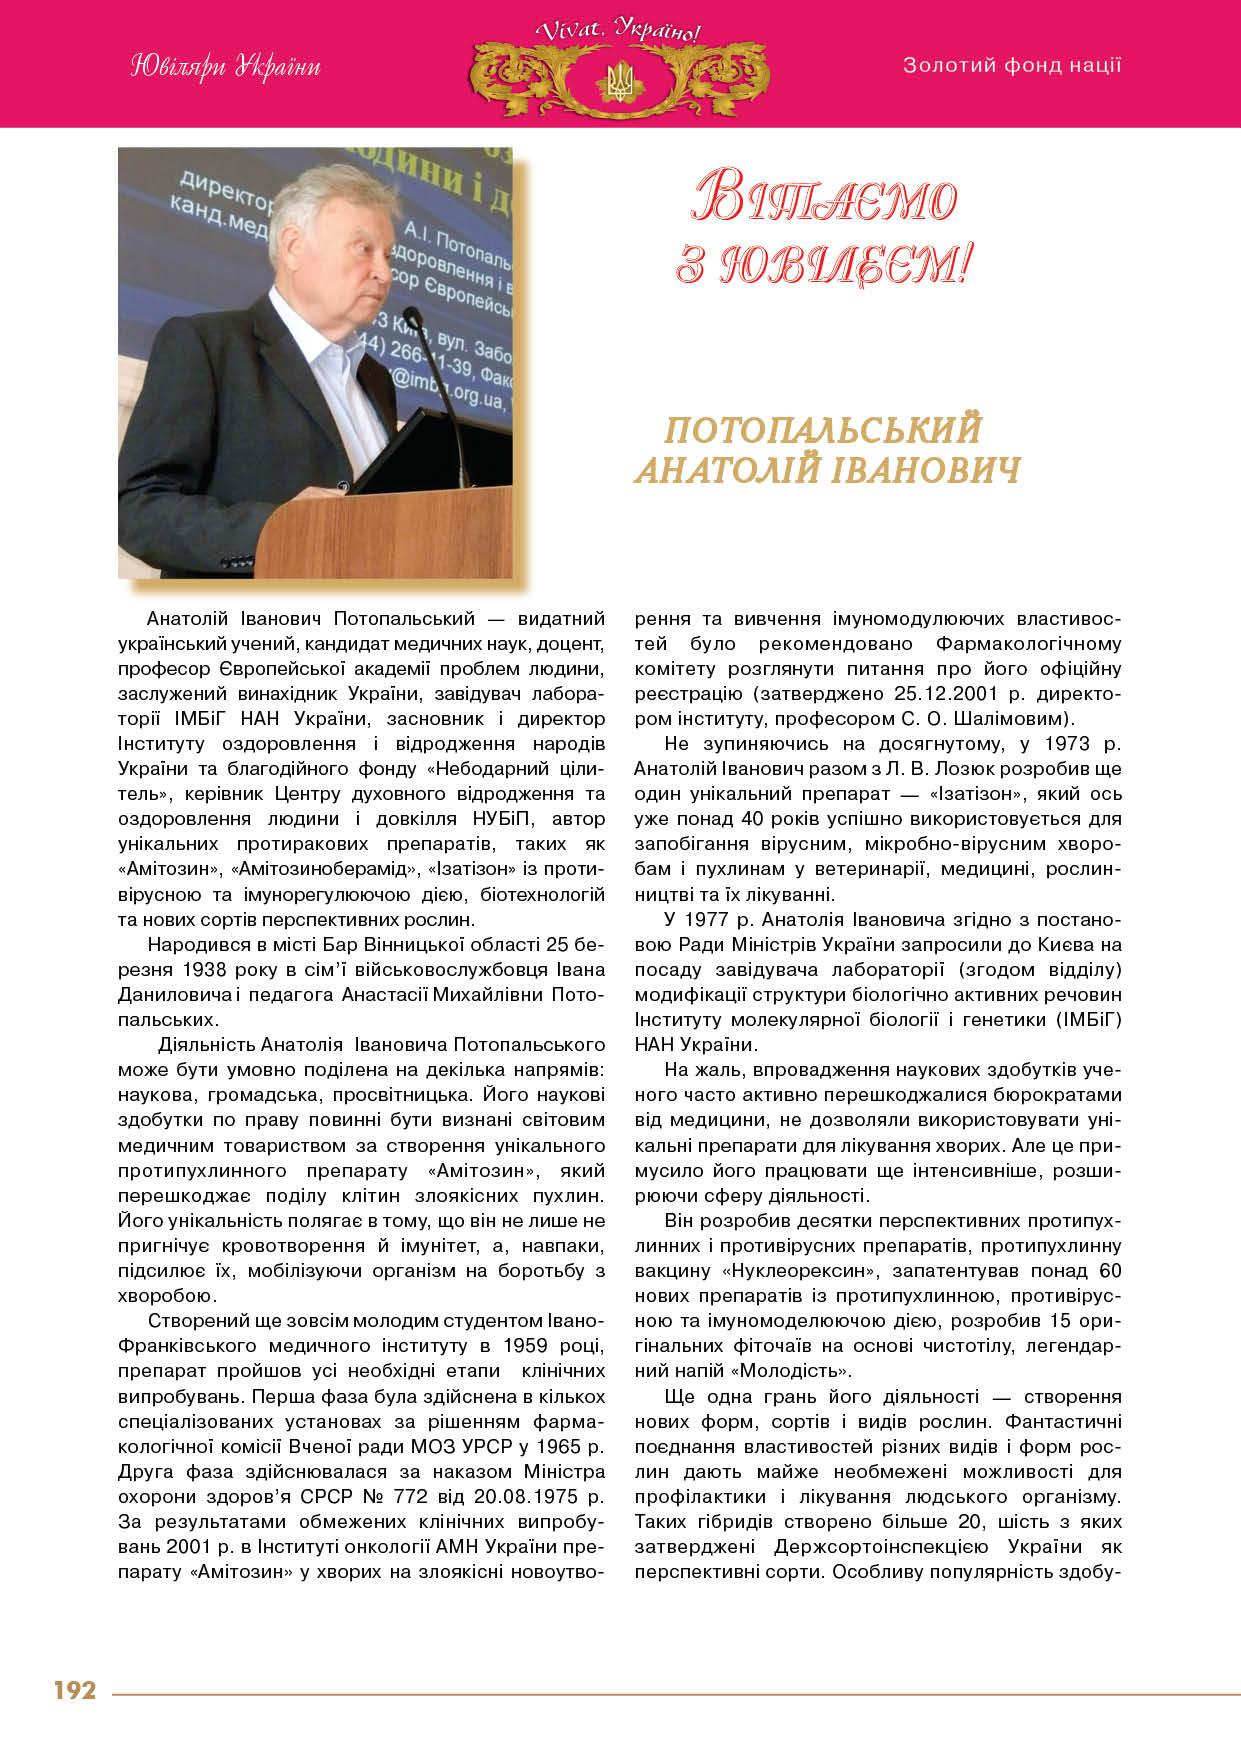 Потопальський Анатолій Іванович